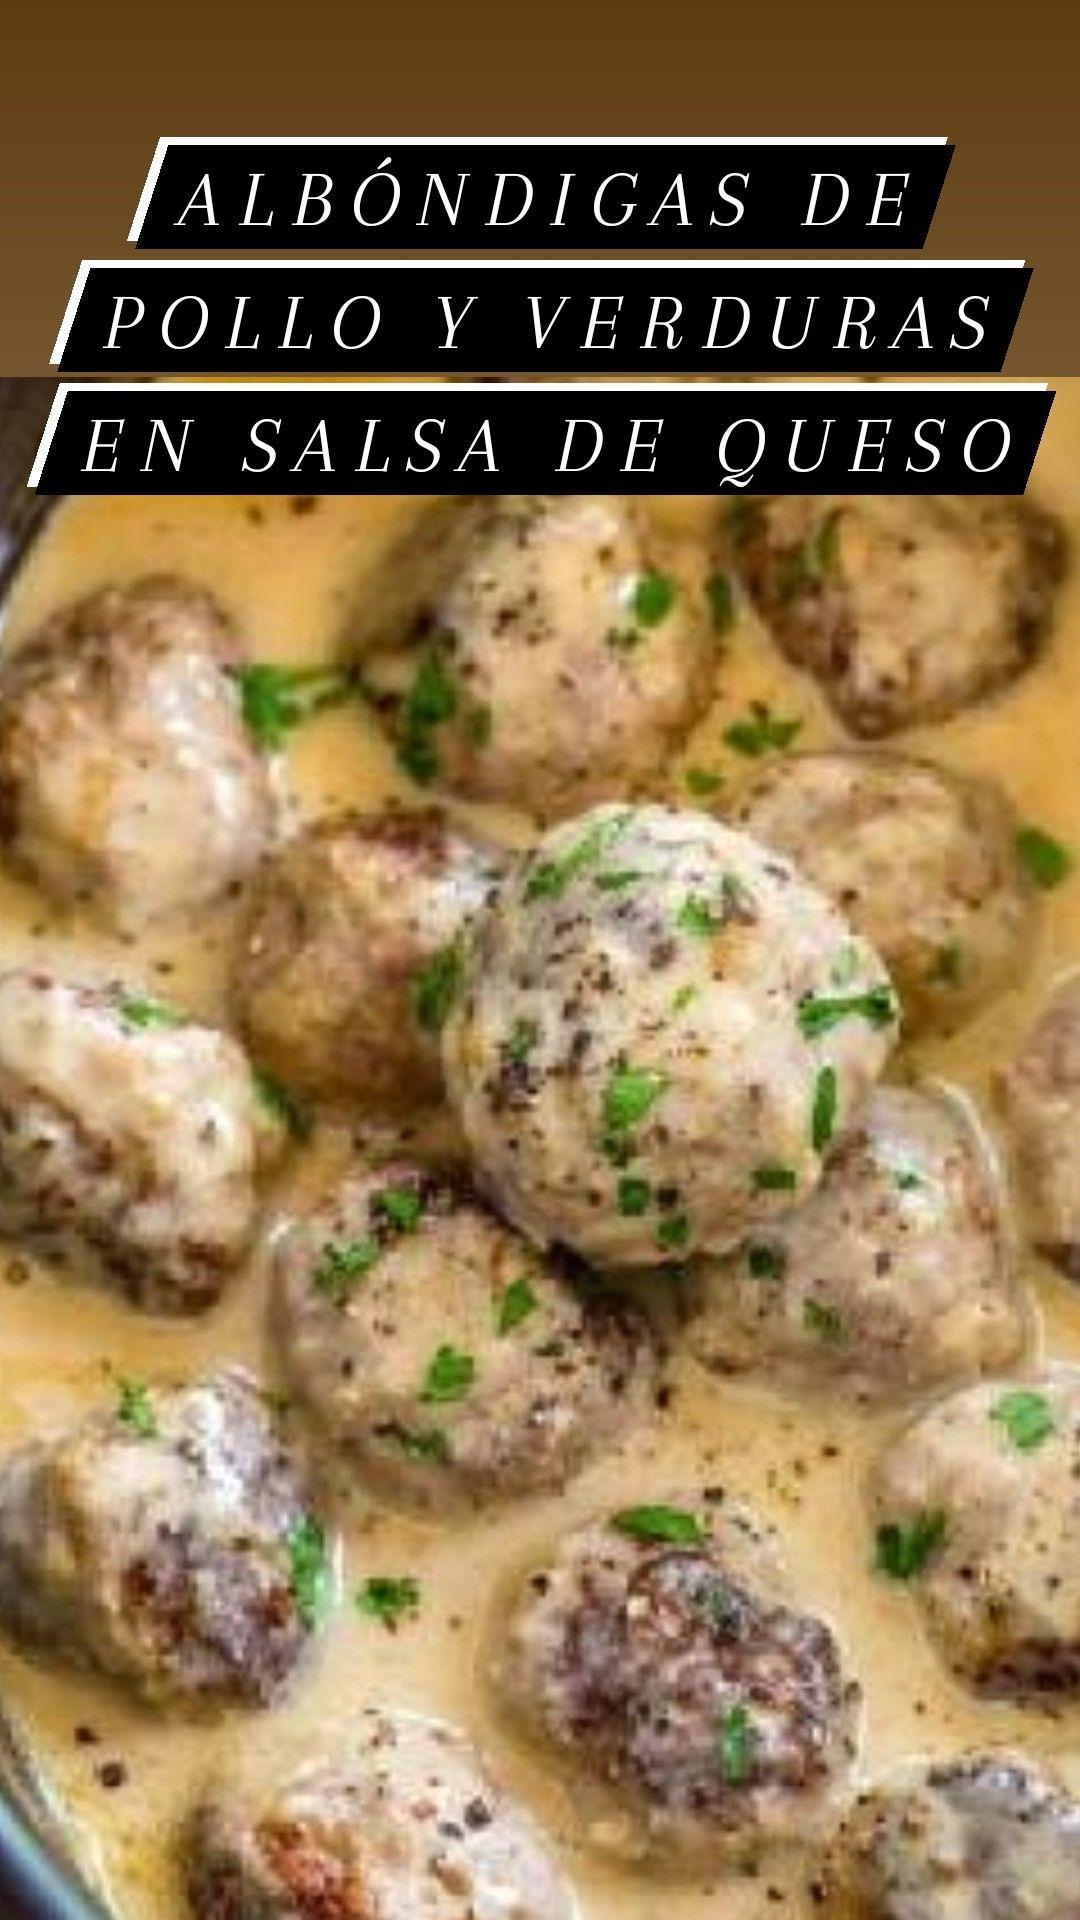 Albóndigas De Pollo Y Verduras En Salsa De Queso Pollo Con Verduras Albóndigas De Pollo Recetas De Cocina